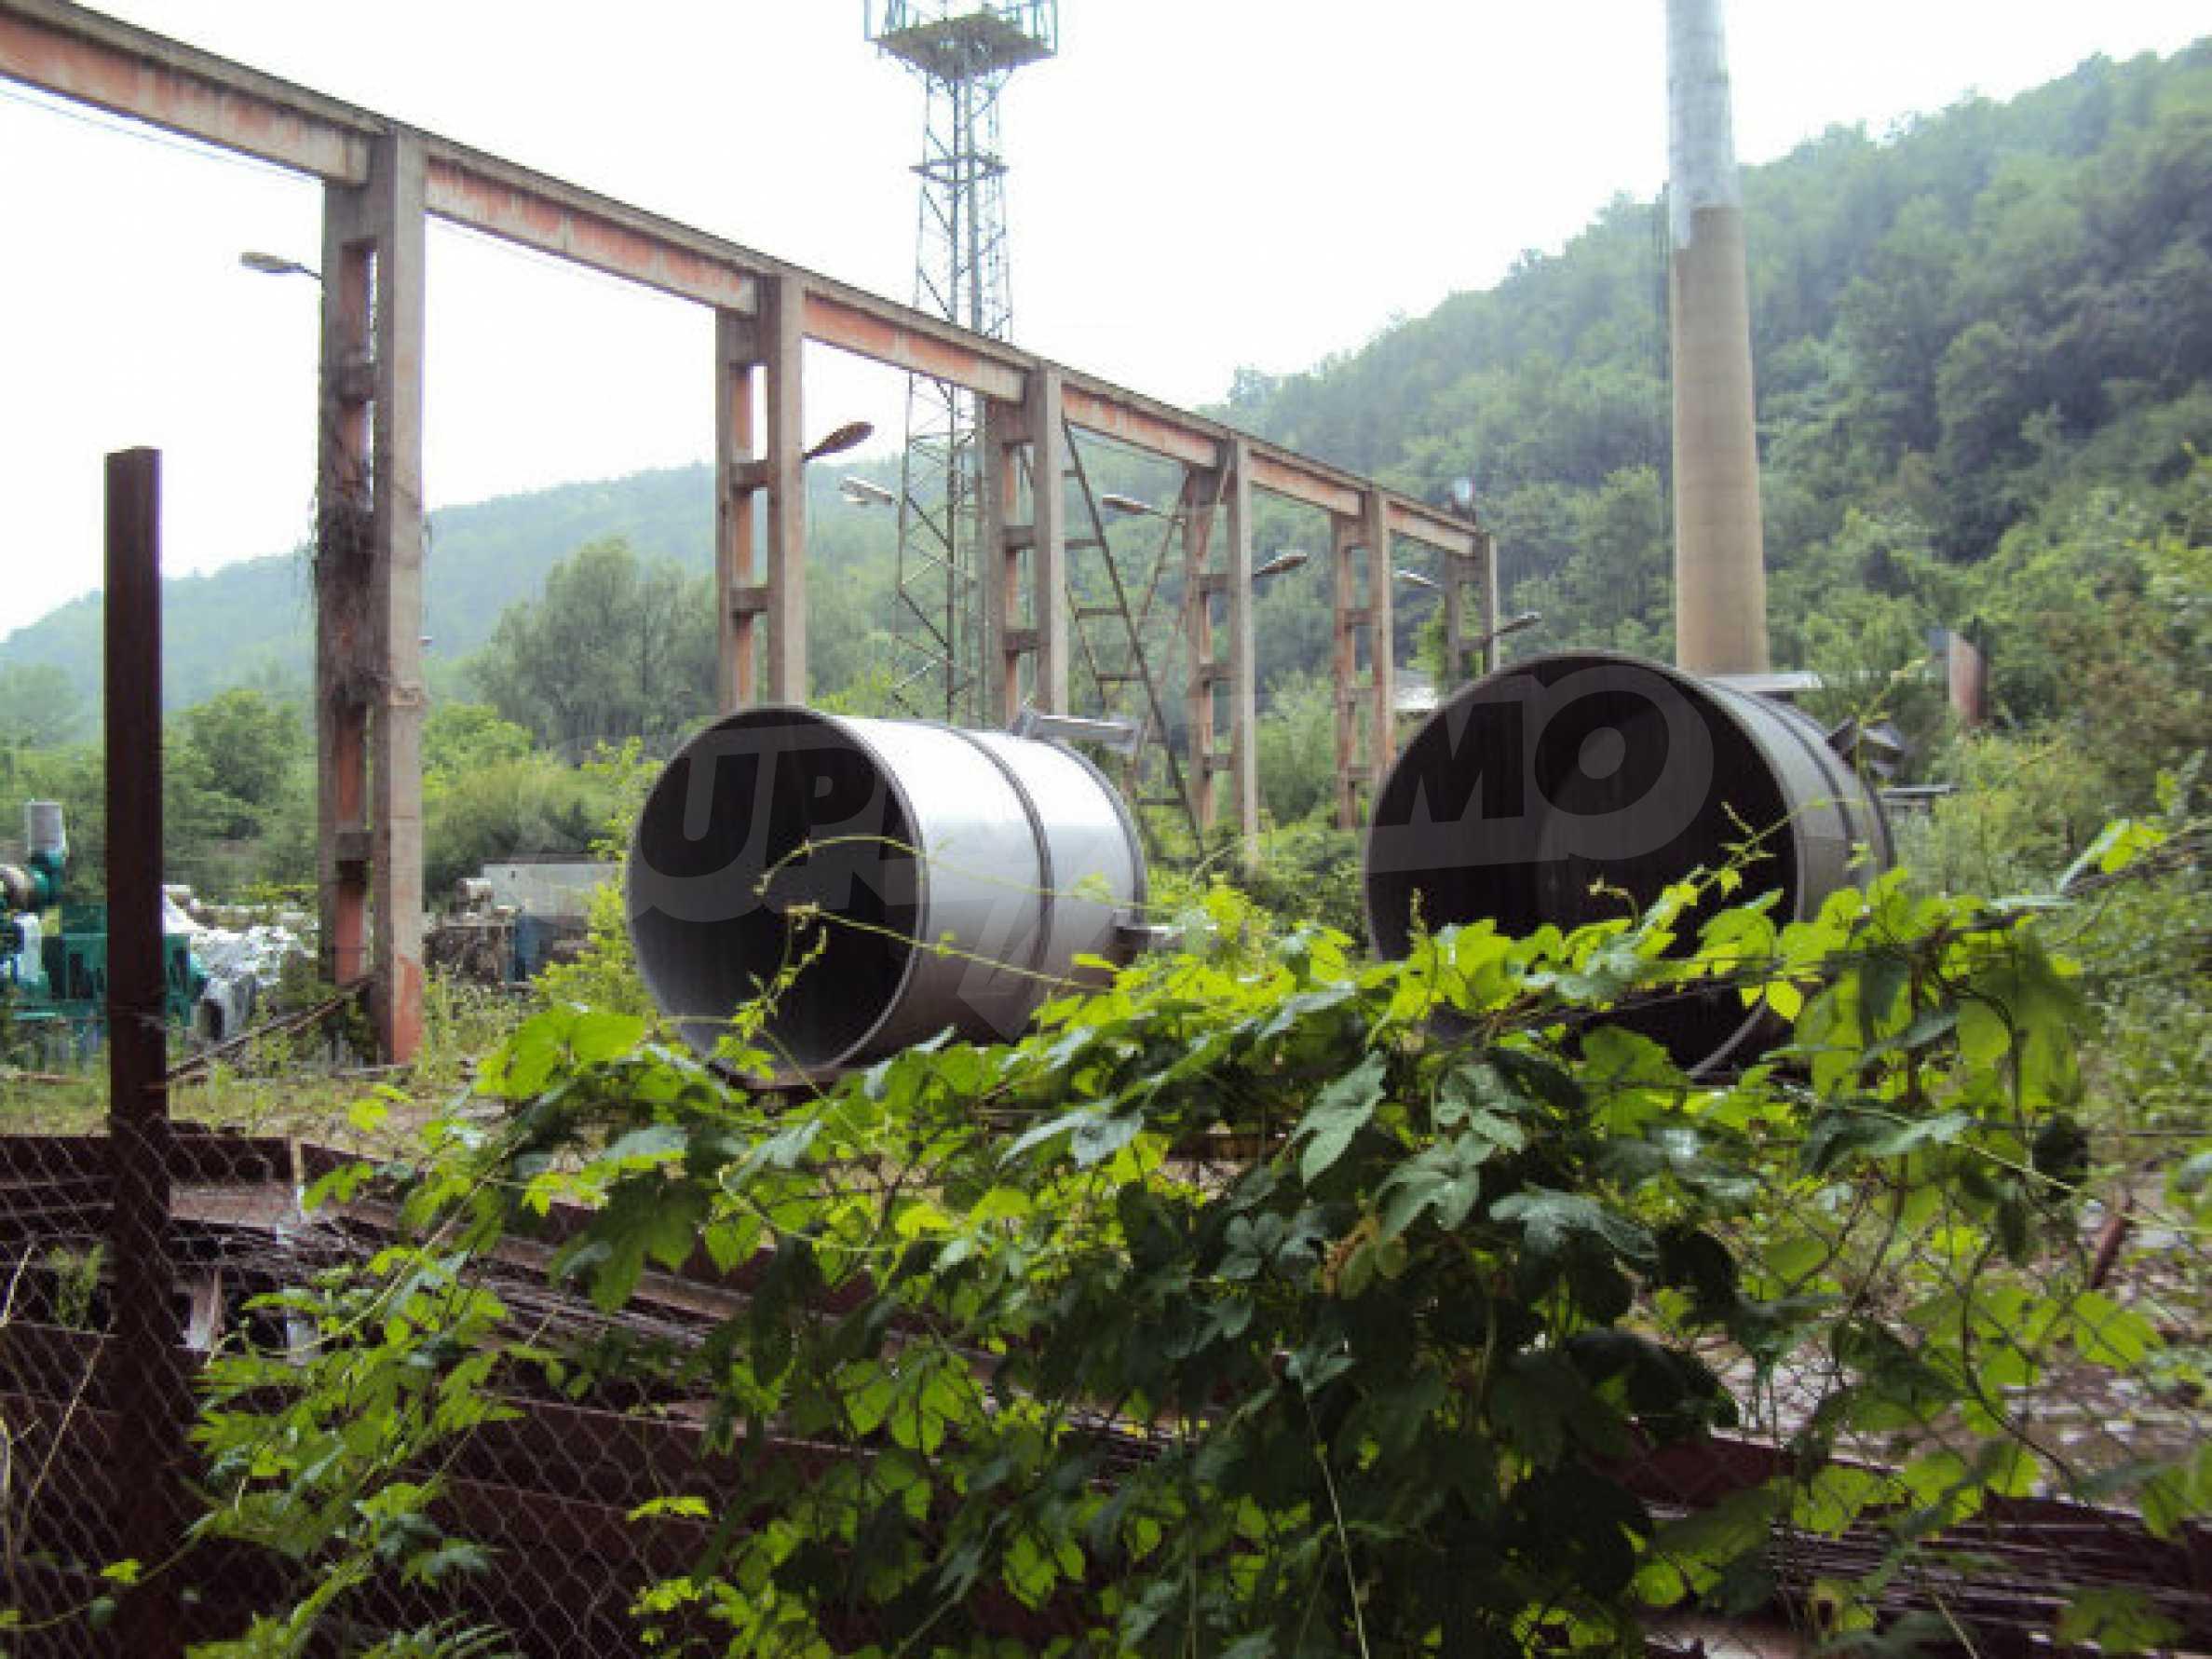 Factory for metal parts in Veliko Tarnovo 48